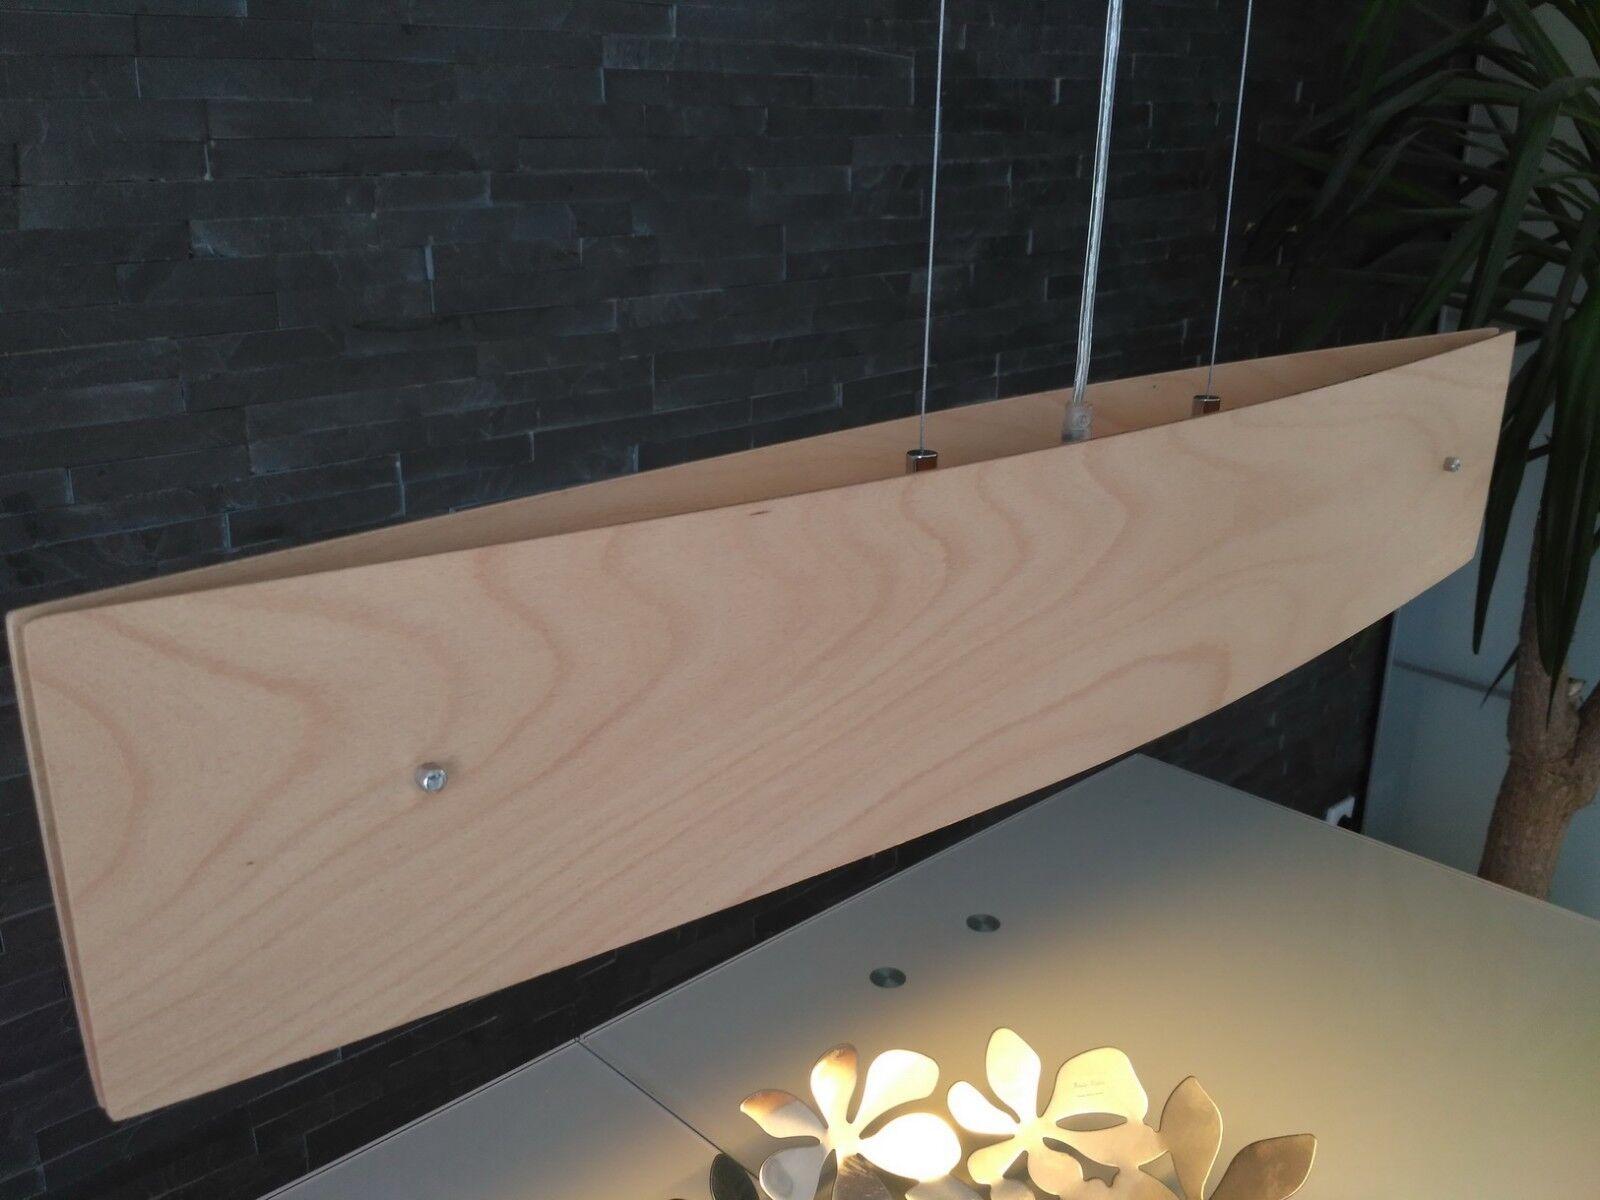 Pendelleuchte  Balu  dimmbar (Design, Modern) in Beige aus Holz Hängelampe Lampe